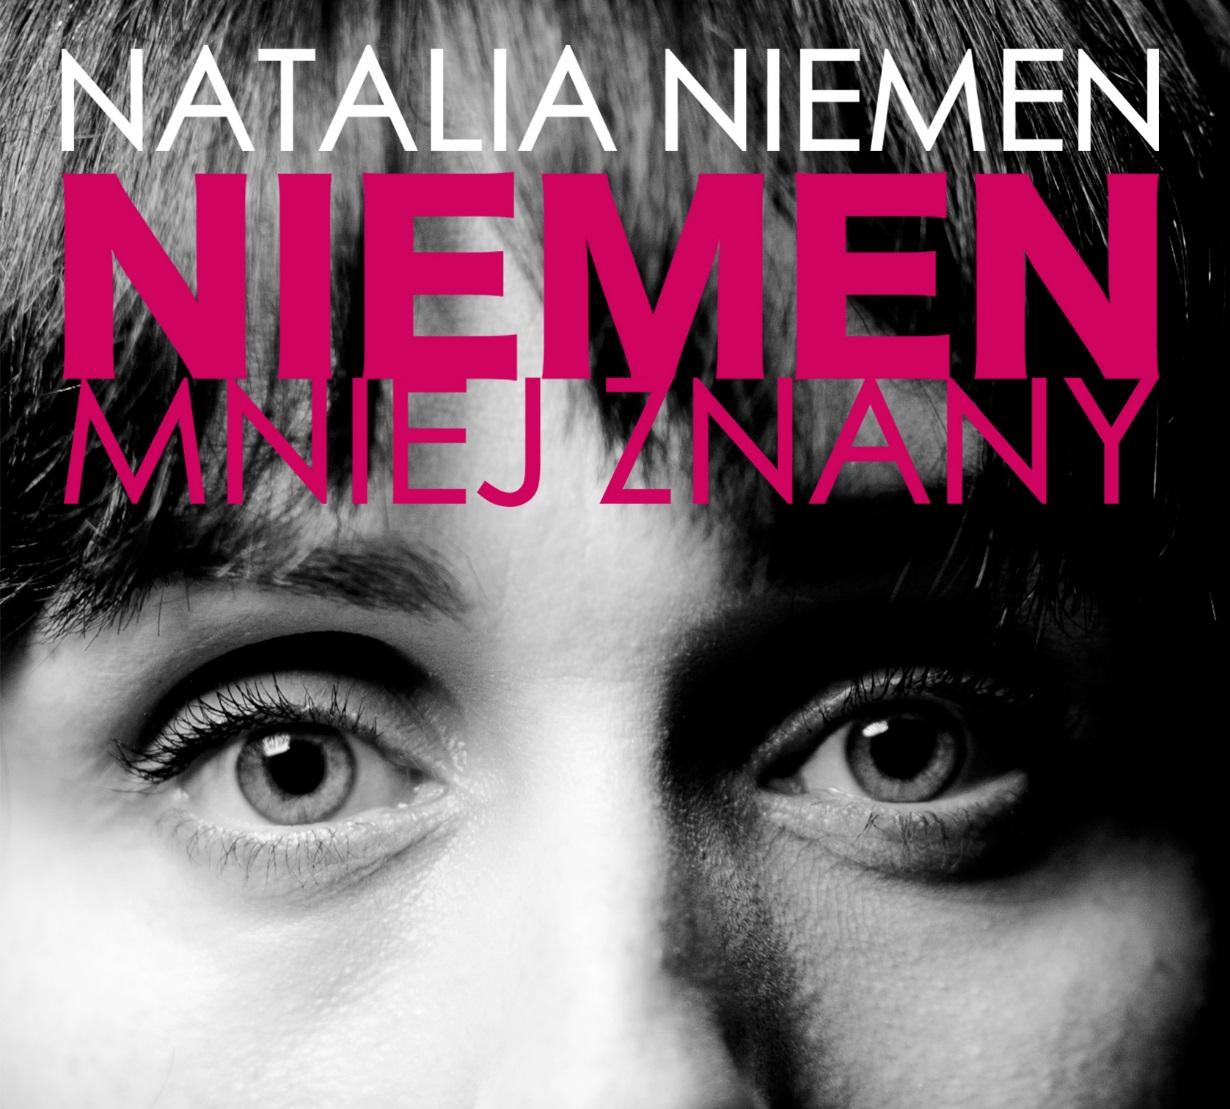 """Natalia Niemen, """"Niemen mniej znany"""" (źródło: materiały prasowe wydawcy)"""